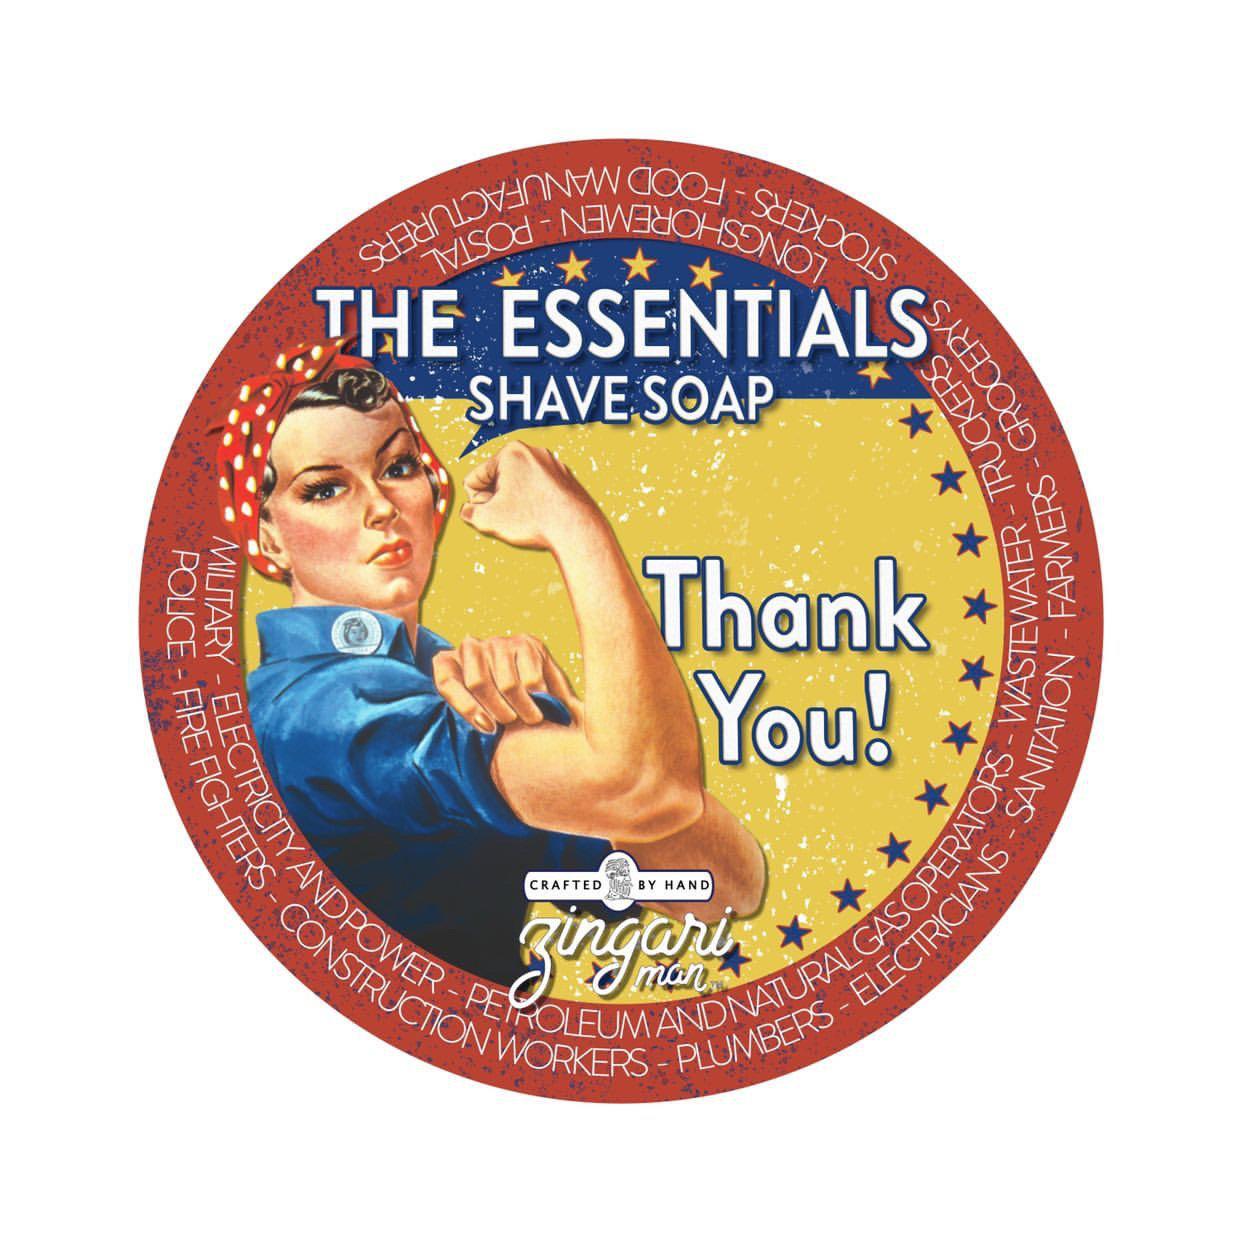 Zingari - The Essentials - Soap image